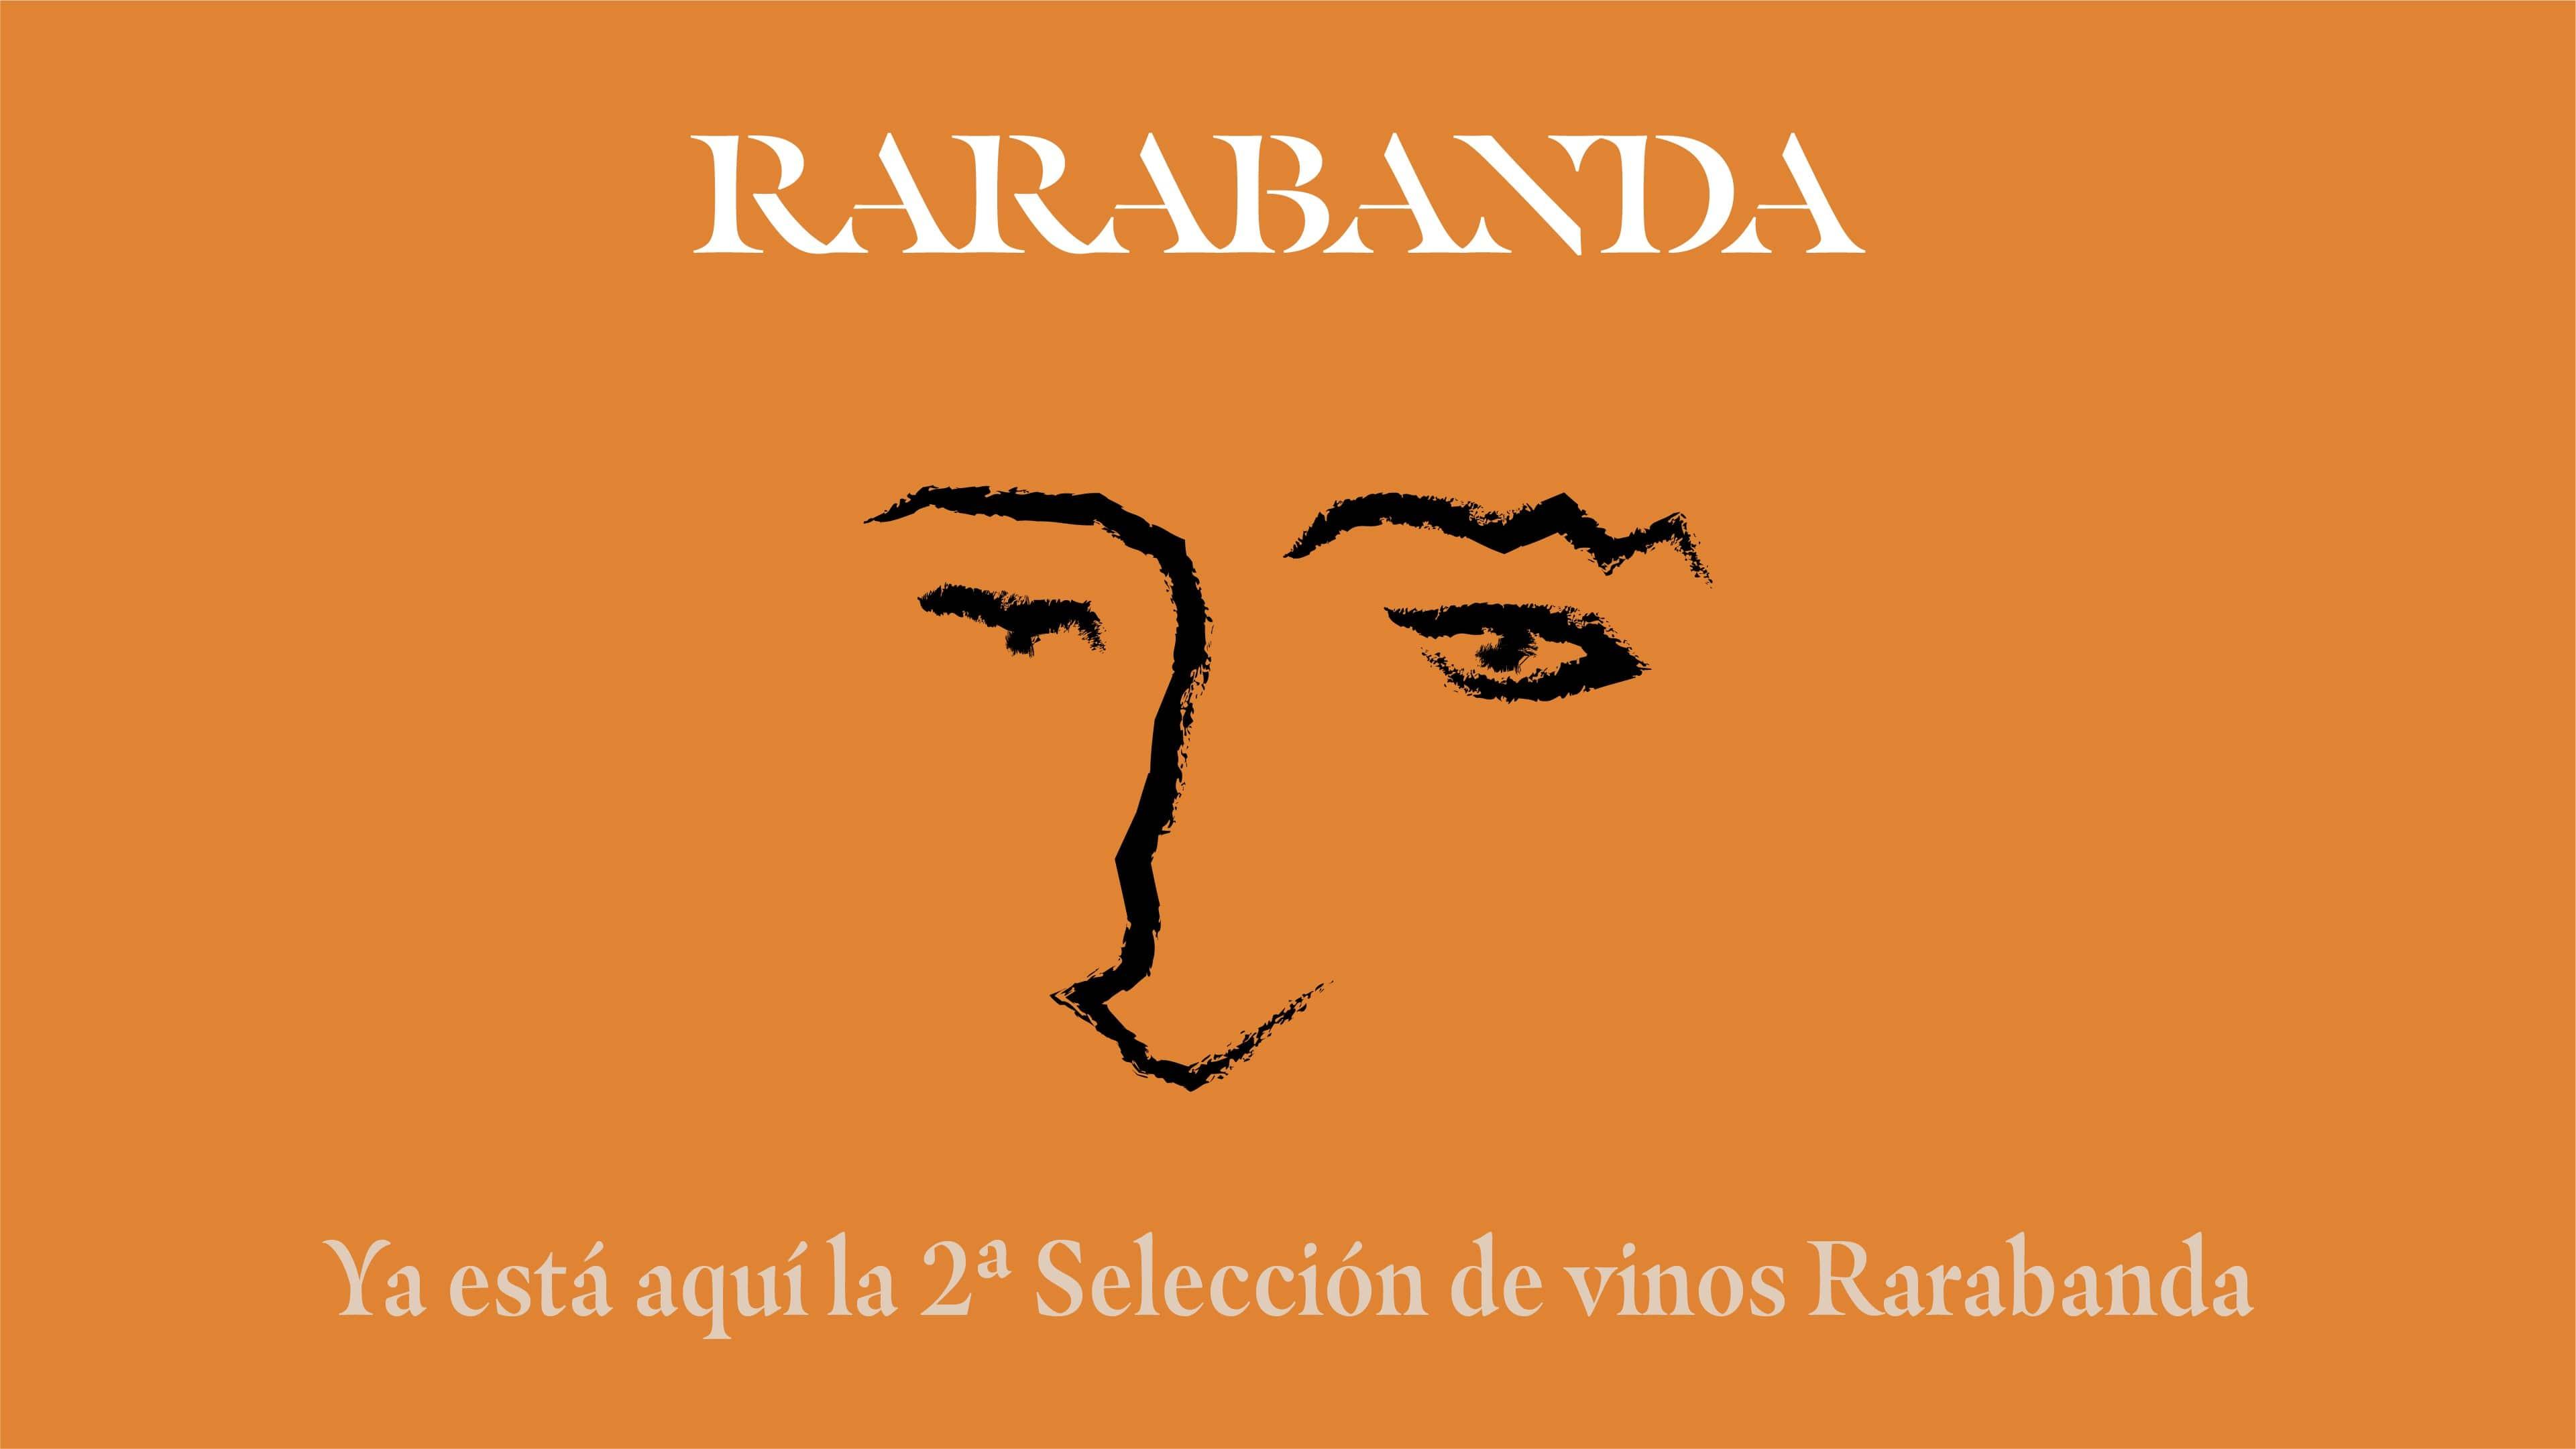 2ª Selección de Vinos Rarabanda